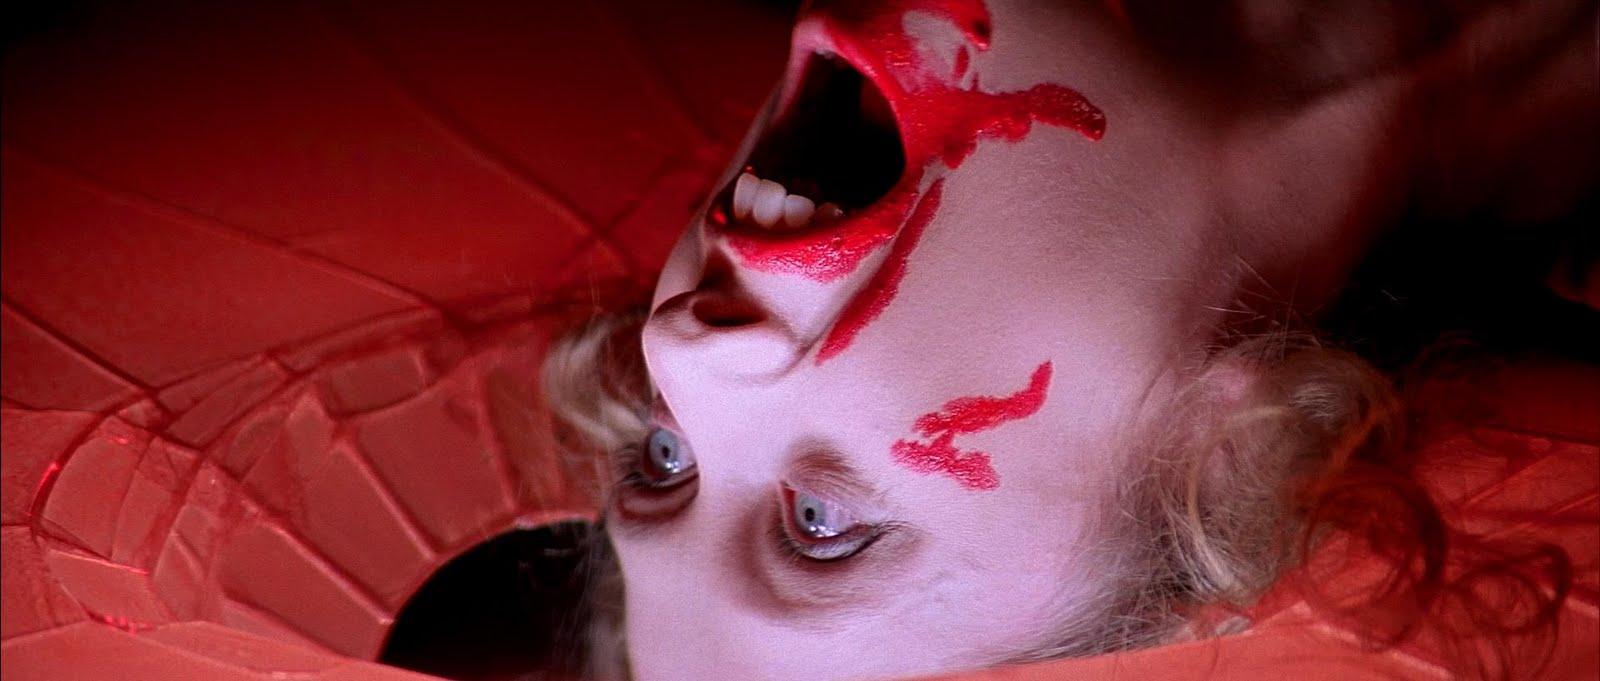 Reseña # 402: Suspiria (1977) – Horas de oscuridad